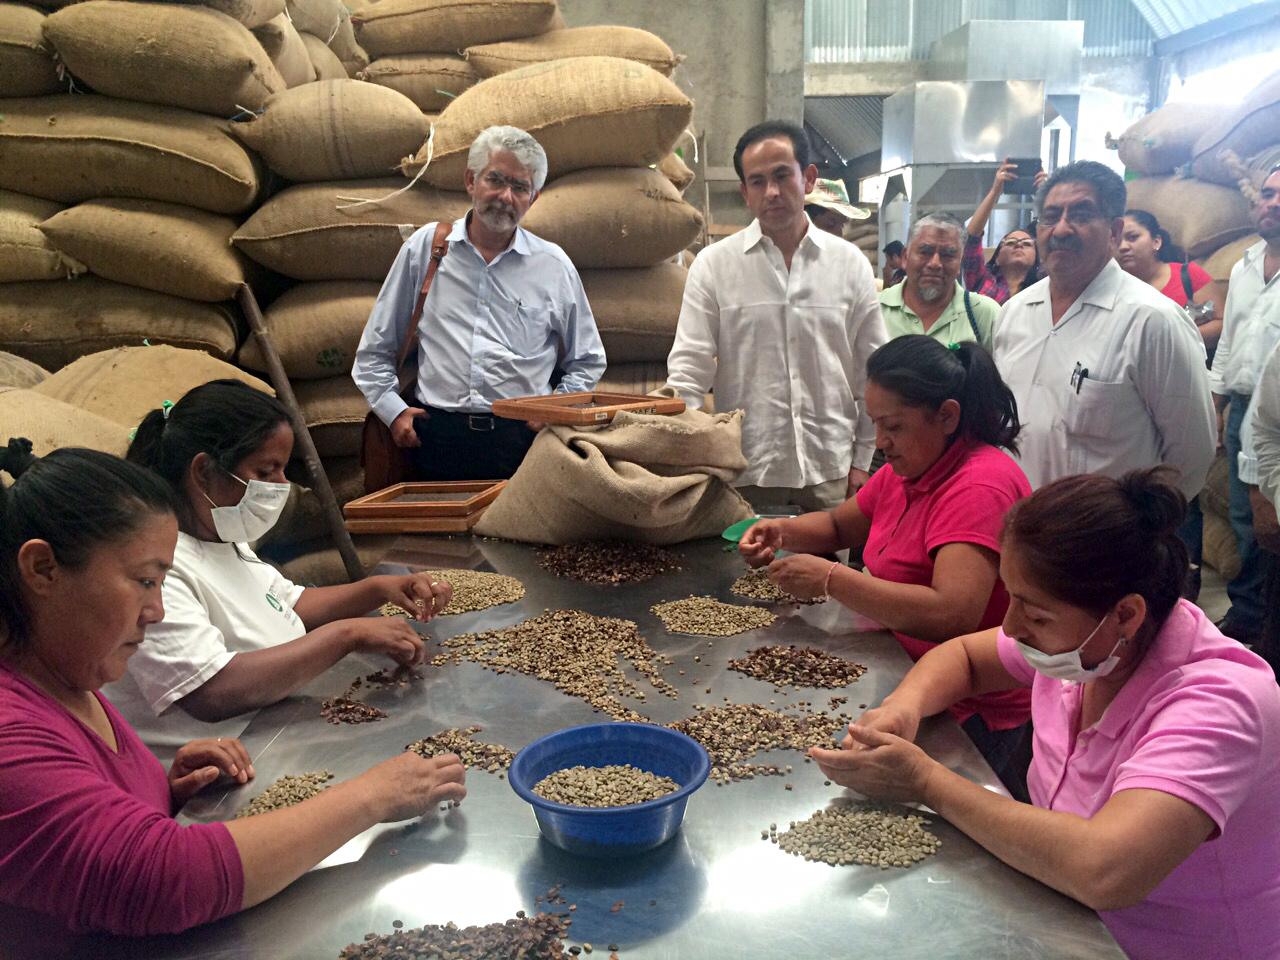 La SAGARPA puso en marcha nueva infraestructura para el proceso de beneficio del café en el estado de Oaxaca, lo que contribuirá a brindar un valor agregado a la producción y una mayor rentabilidad para los caficultores.